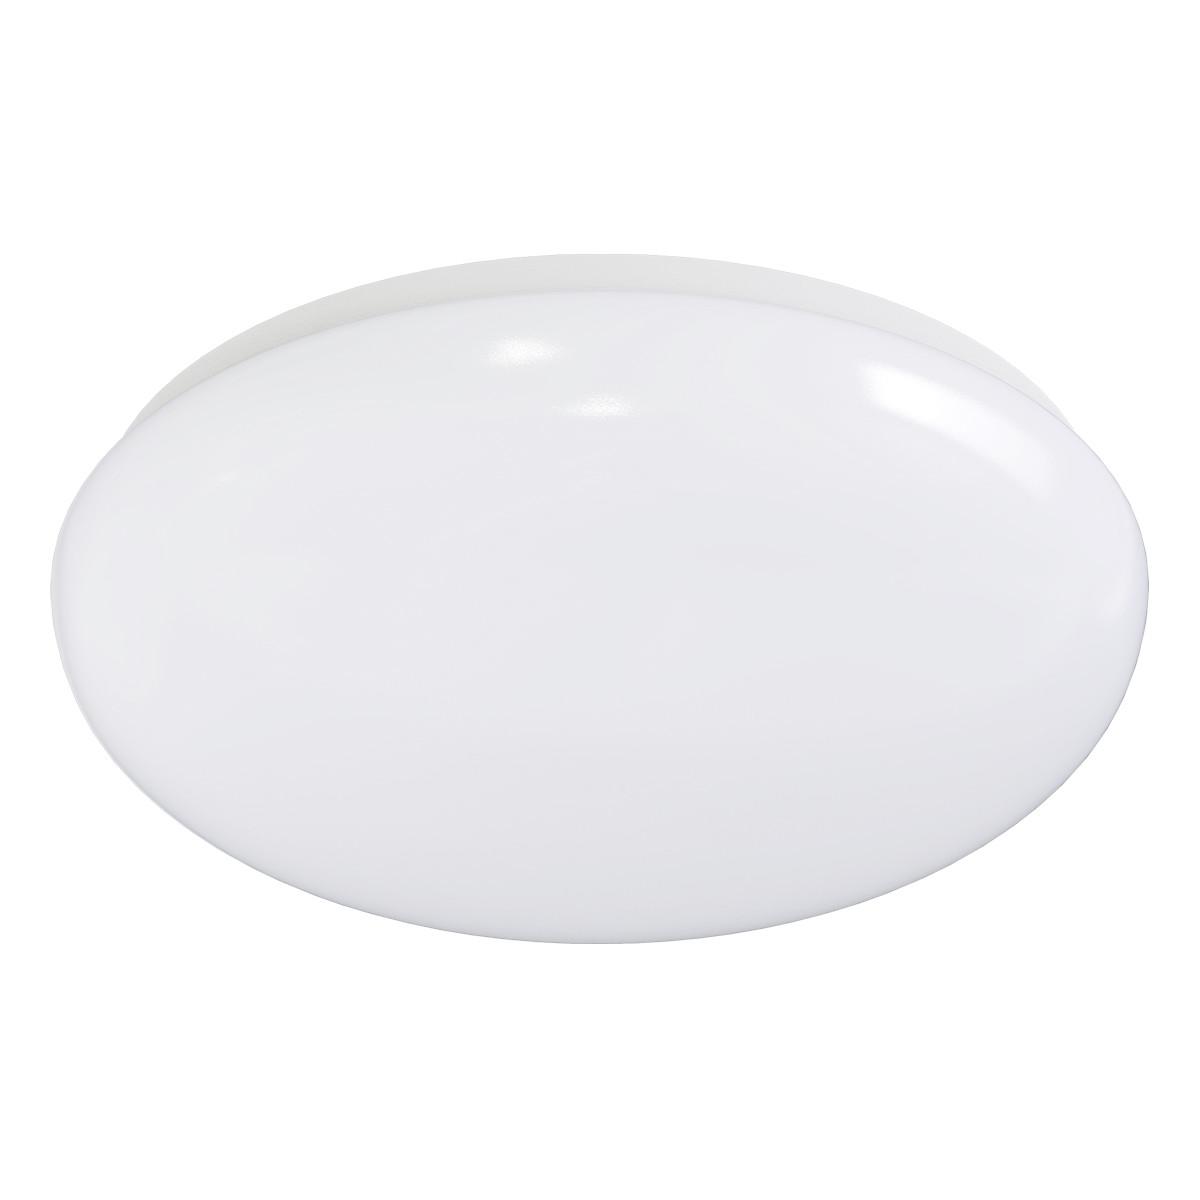 LED Plafondlamp met Bewegingssensor - Aigi - Opbouw Rond 18W - Natuurlijk Wit 4000K - 360° - Mat Wit